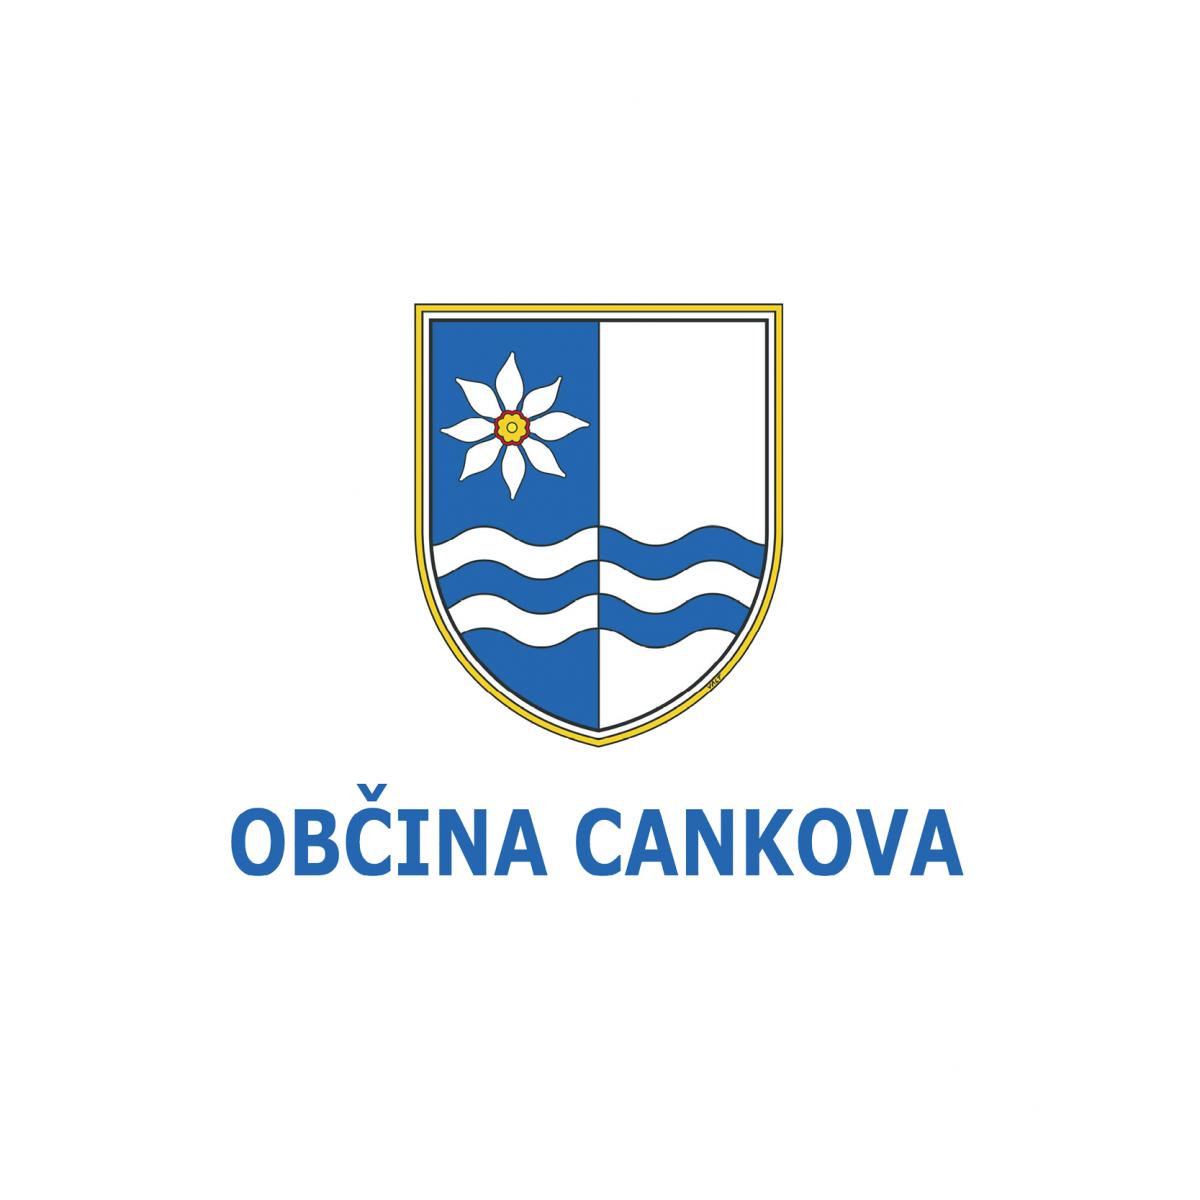 Občina Cankova